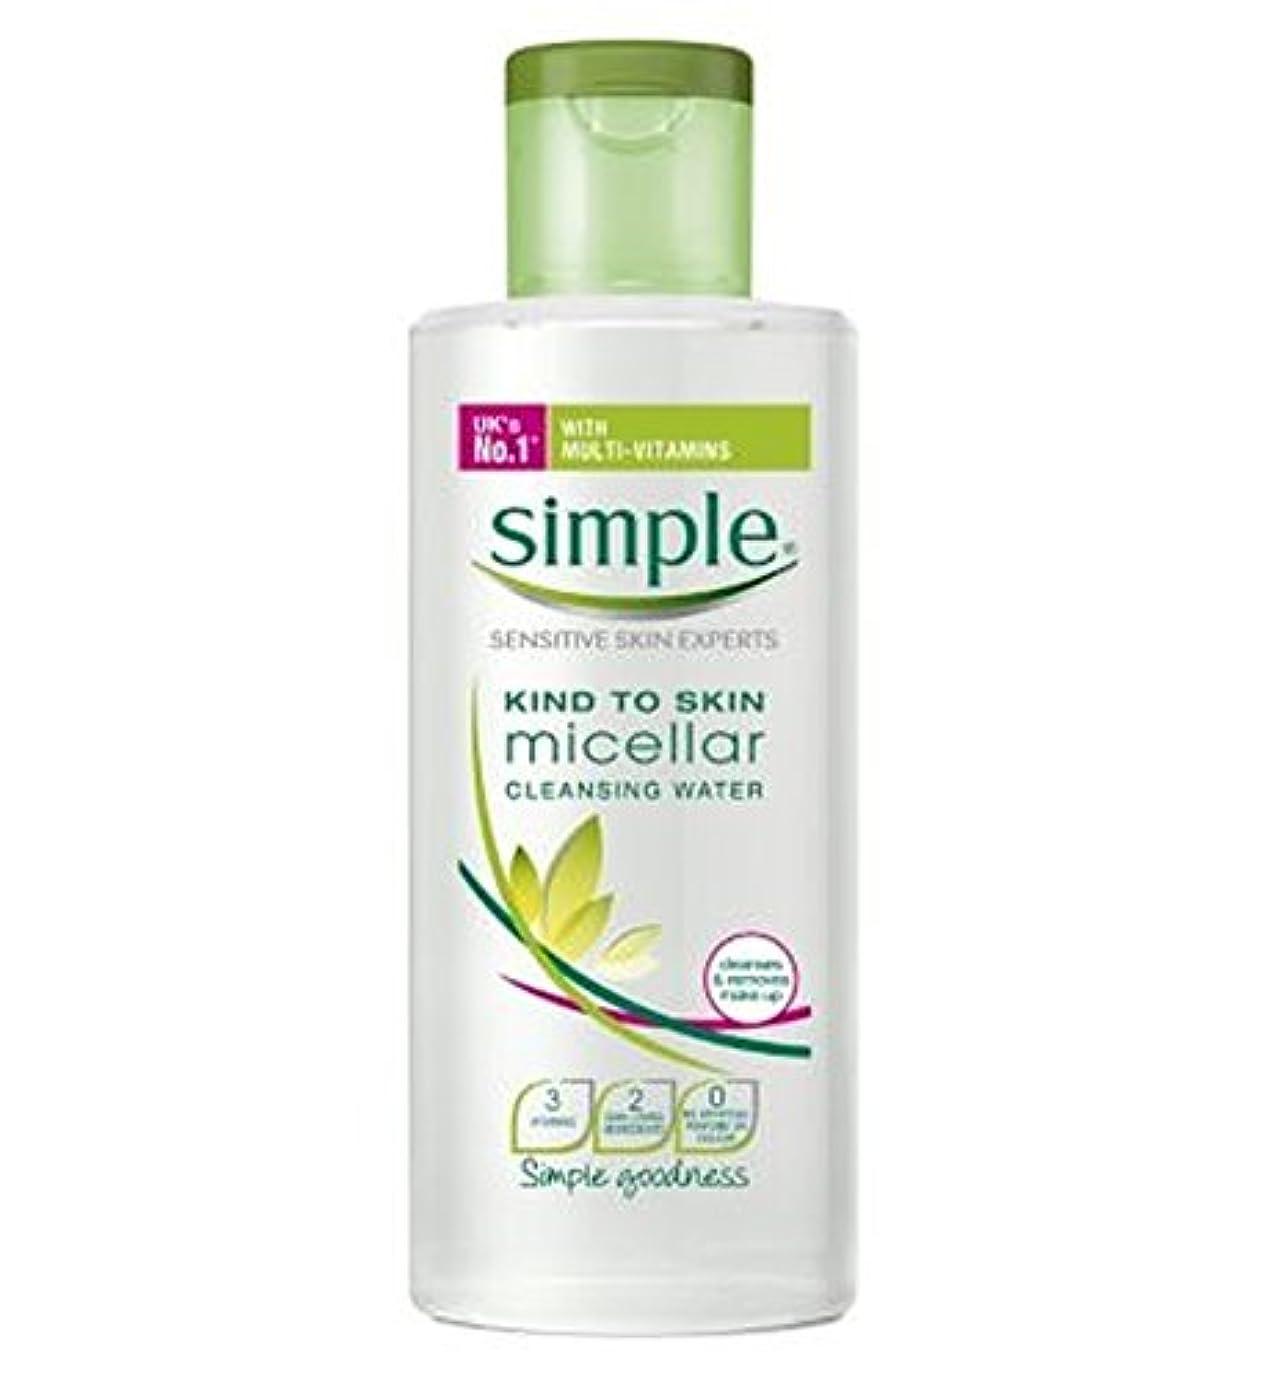 植物の残忍な参照皮膚ミセル洗浄水200ミリリットルに簡単な種類 (Simple) (x2) - Simple Kind To Skin Micellar Cleansing Water 200ml (Pack of 2) [並行輸入品]